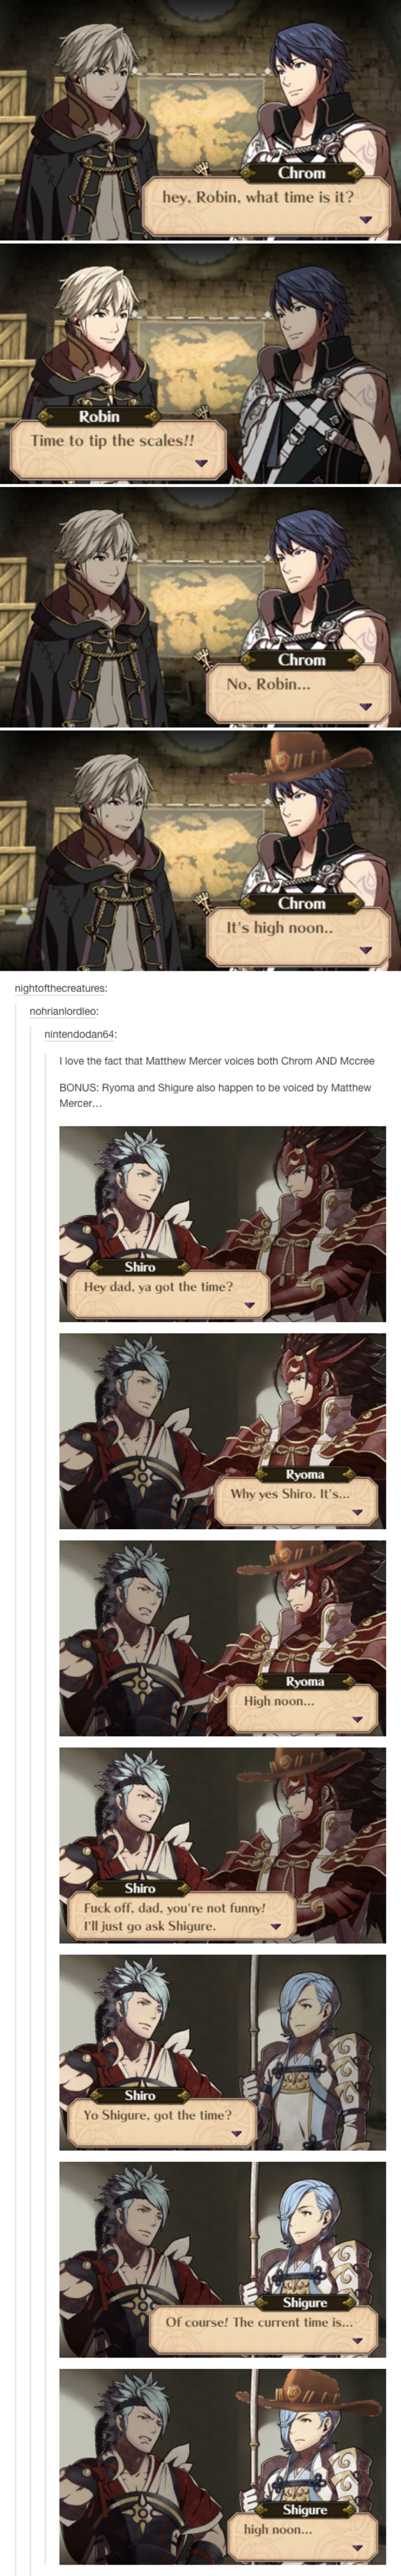 same voice actor fire emblem know your meme